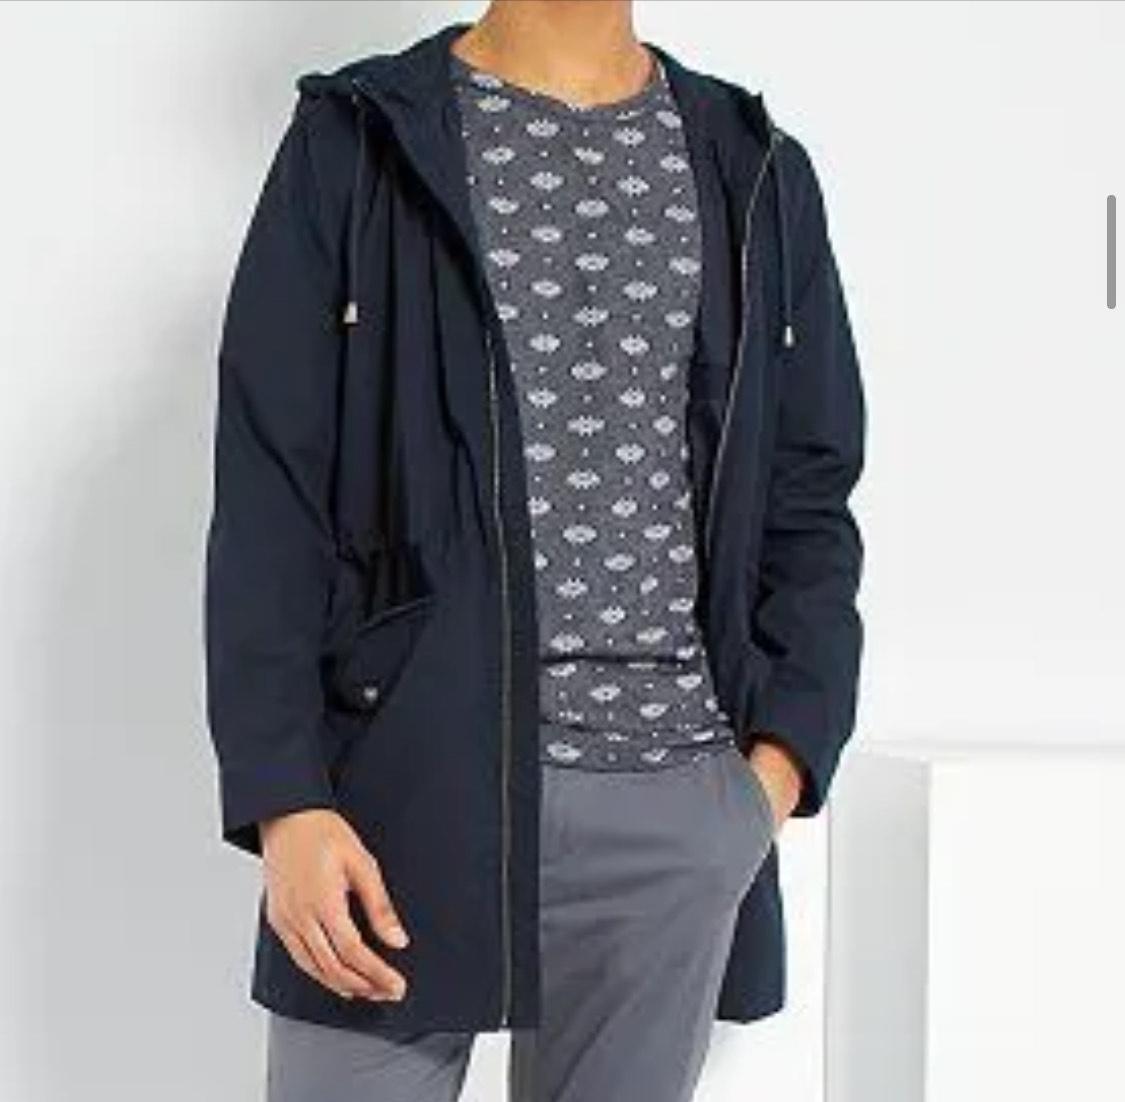 Parka ligera capucha hombres tallas de la S a XXL (recogida en tienda gratis)